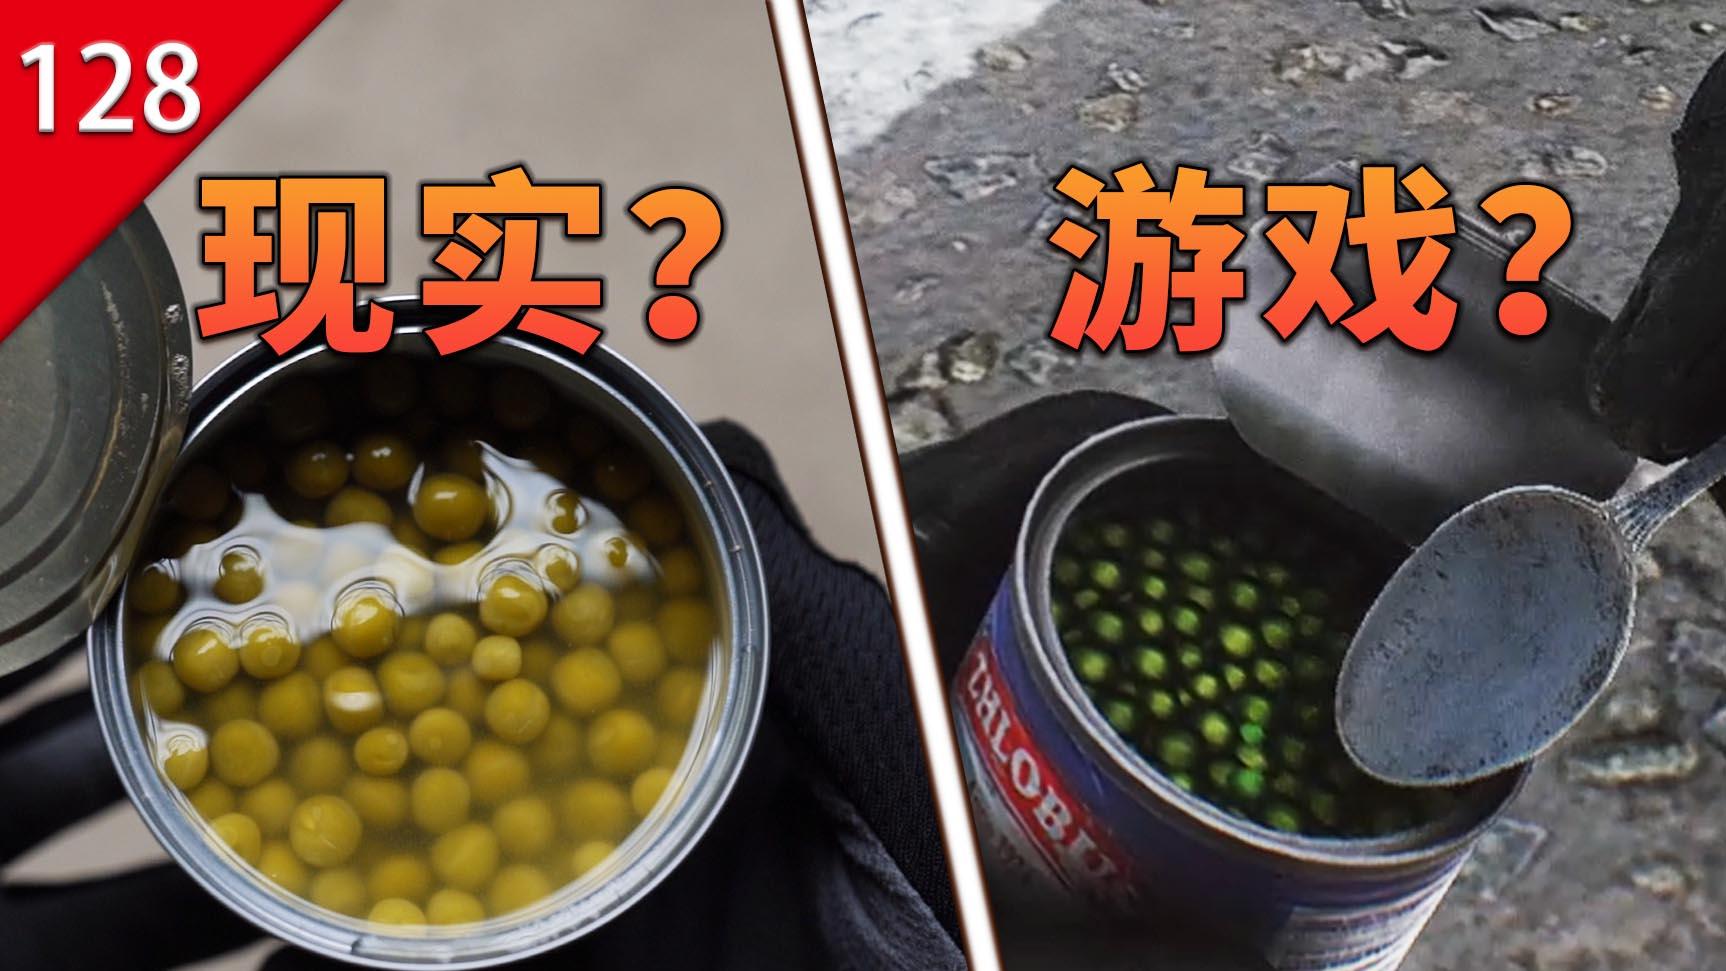 【不止游戏】游戏中那些奇怪的食物,真实味道究竟是什么样?第2集